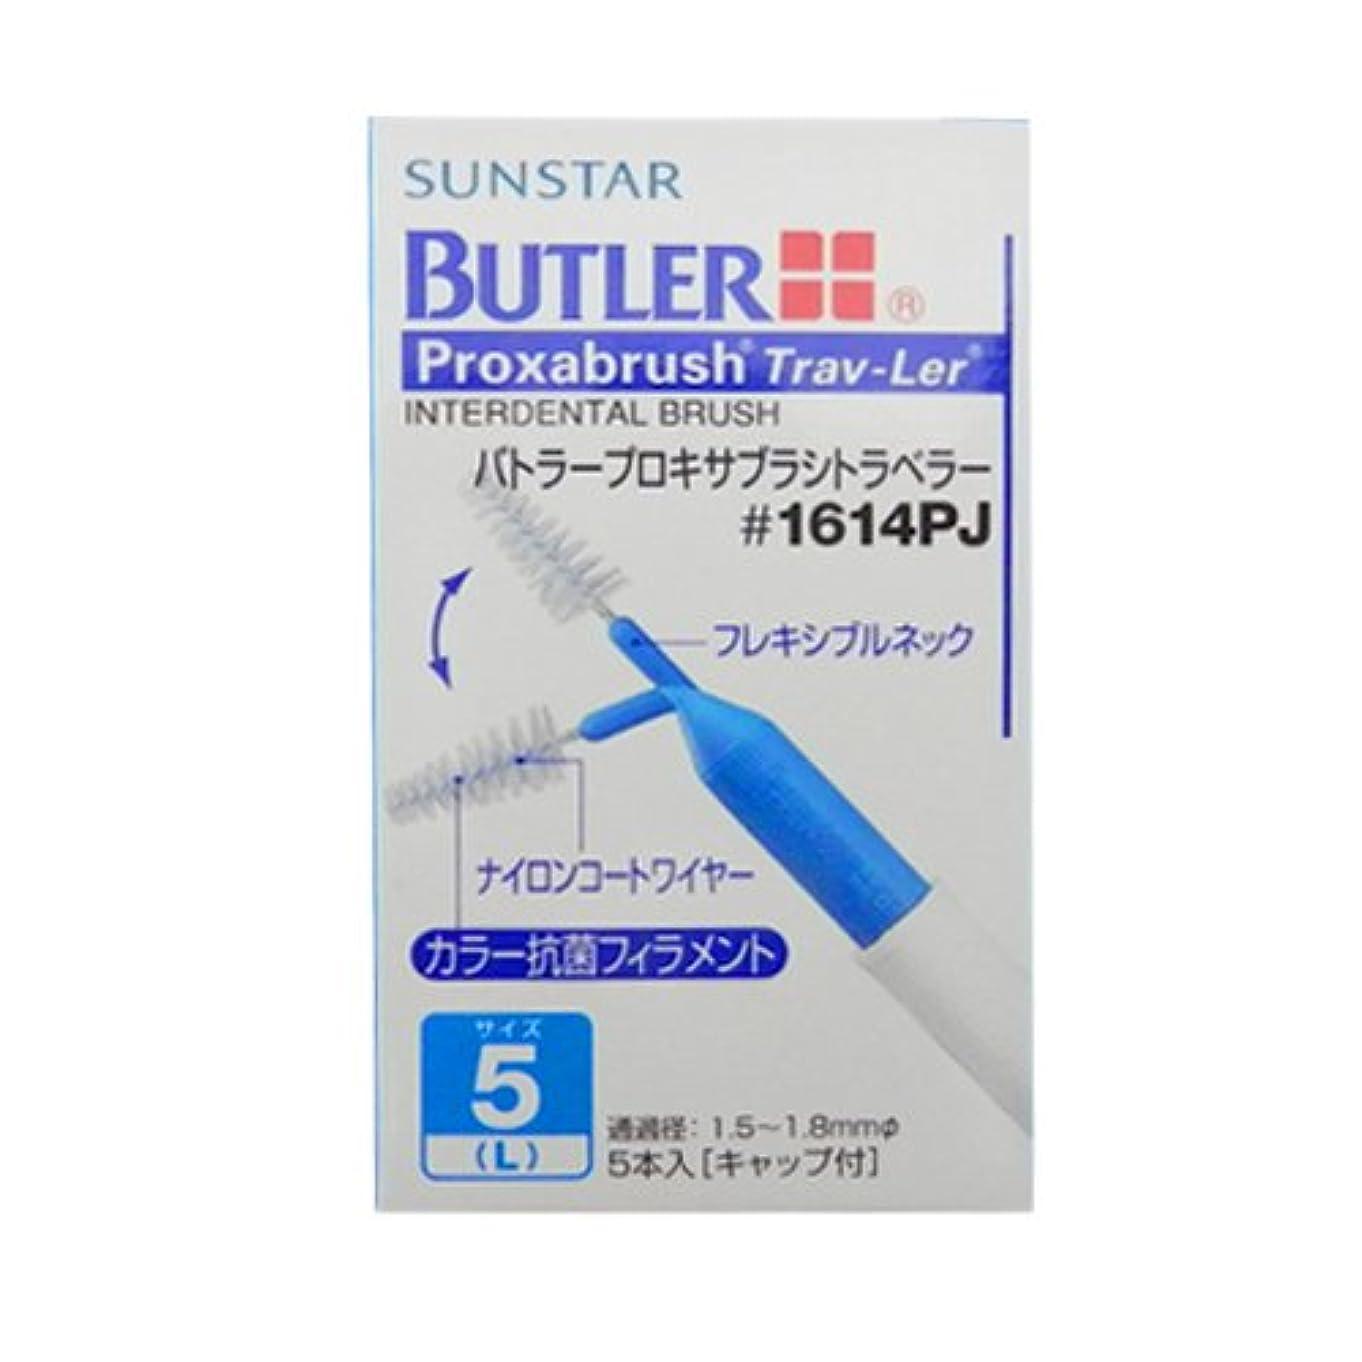 酸化する他の場所浸漬バトラー プロキサブラシトラベラー 5本入 L ブルー